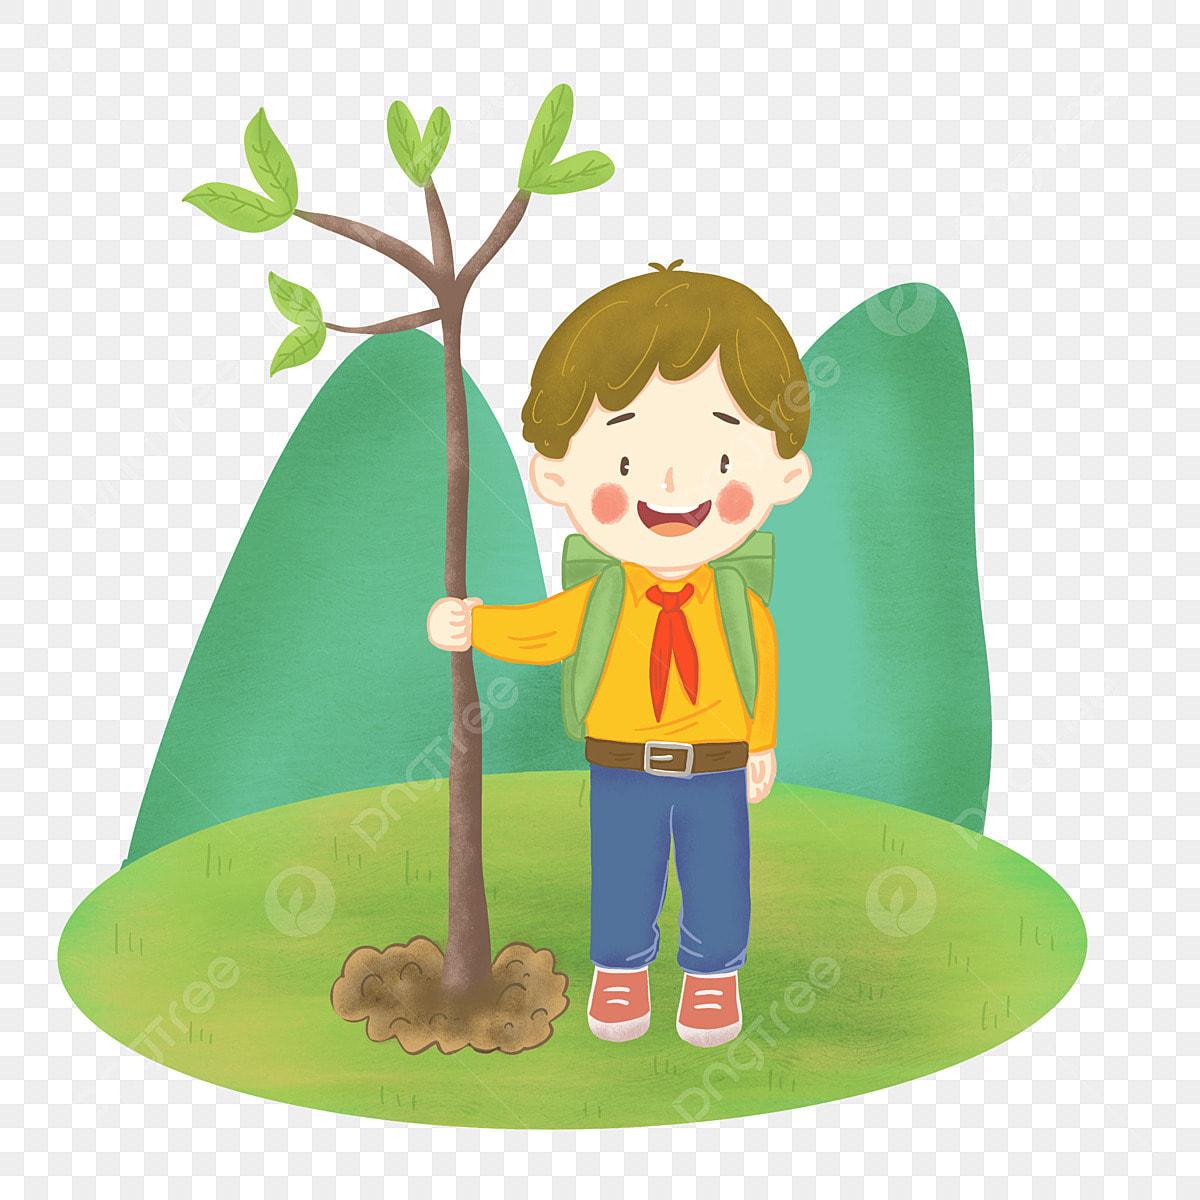 رسم توضيحي لـ Arbor Day طفل صغير يزرع في صغير يزرع Png وملف Psd للتحميل مجانا